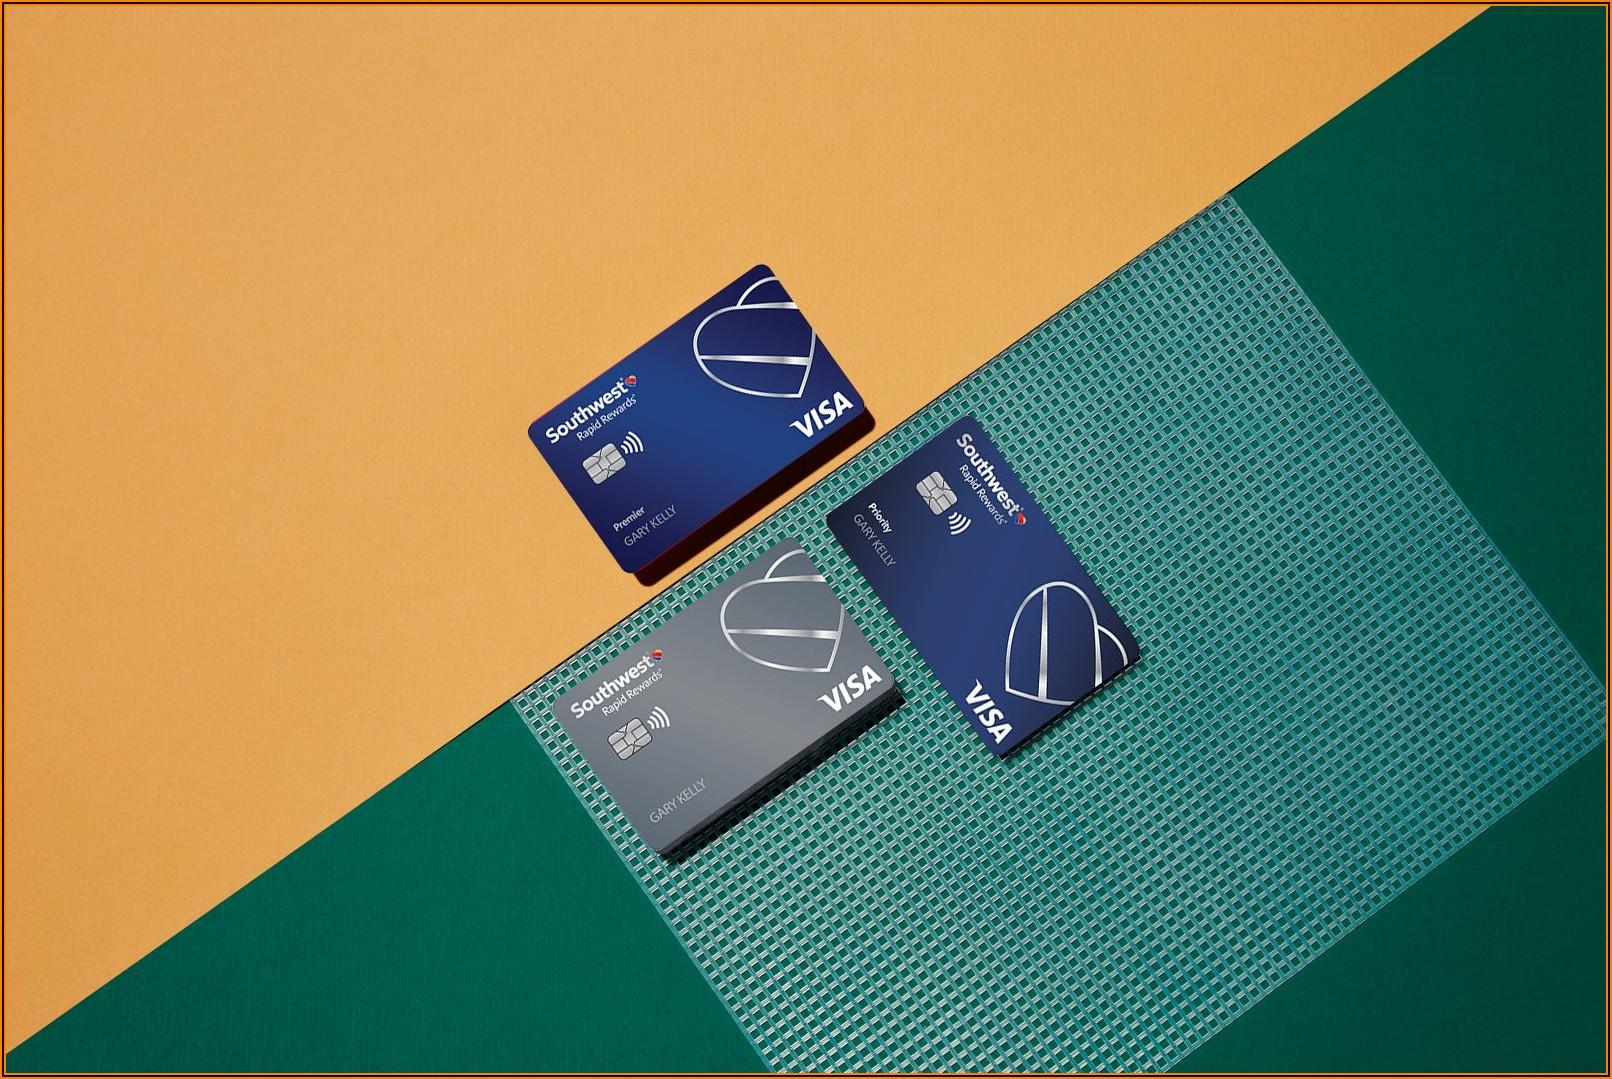 Southwest Rapid Rewards Plus Business Card